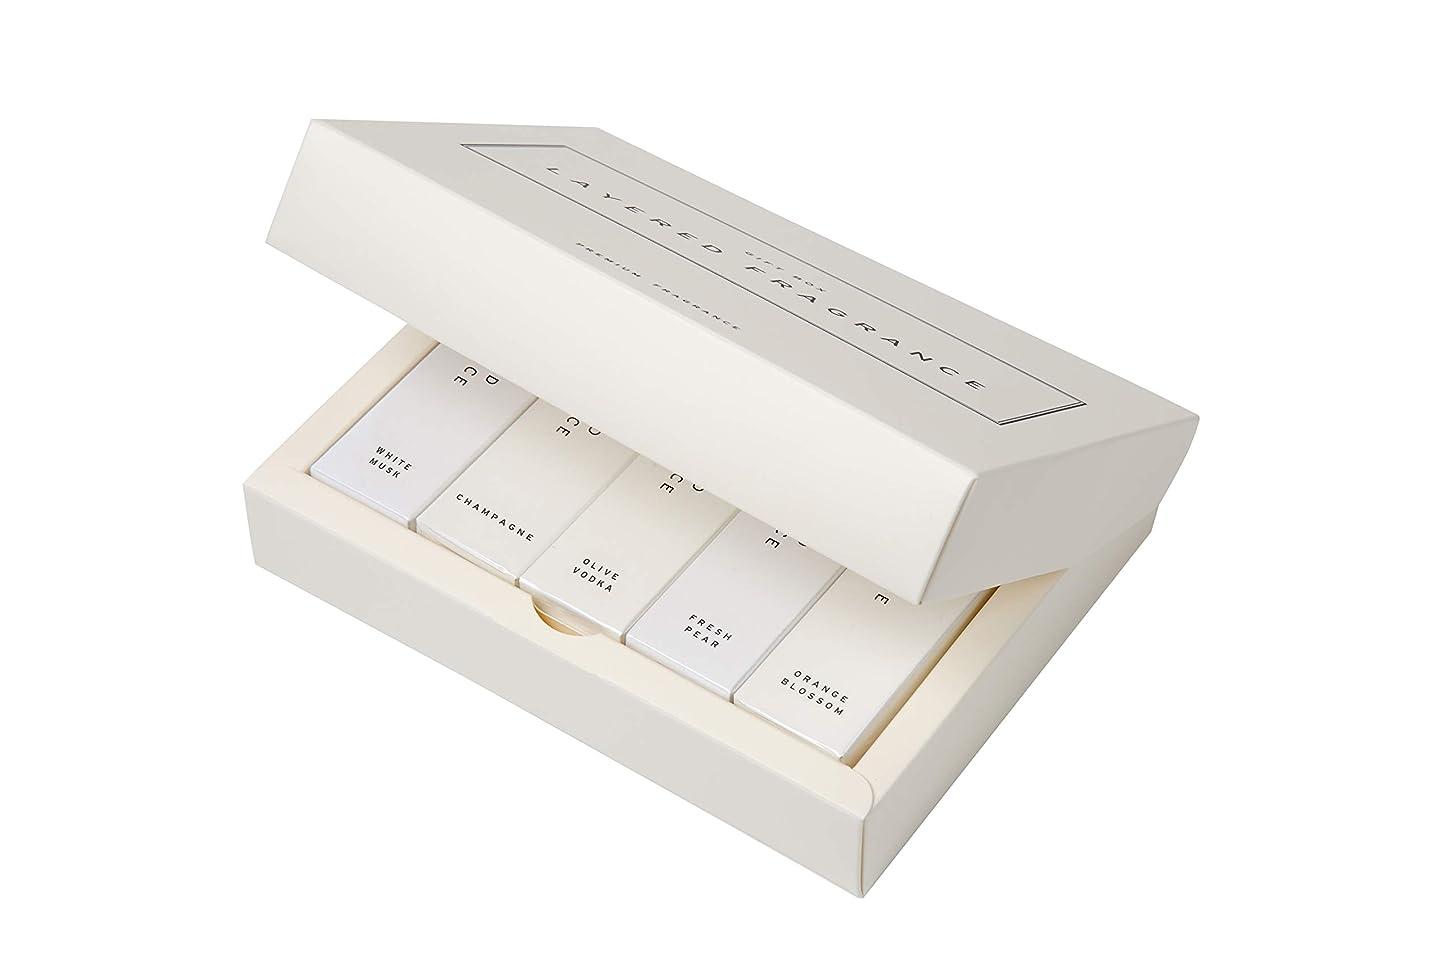 破滅的な深さ休憩LAYERED FRAGRANCE(レイヤードフレグランス) レイヤードフレグランス ボディスプレー 10mL フォーチュンセット(2本セット) LAYERED FRAGRANCE BODY SPRAY 10mL FORTUNE SET (5 scents set) 10ml×5本